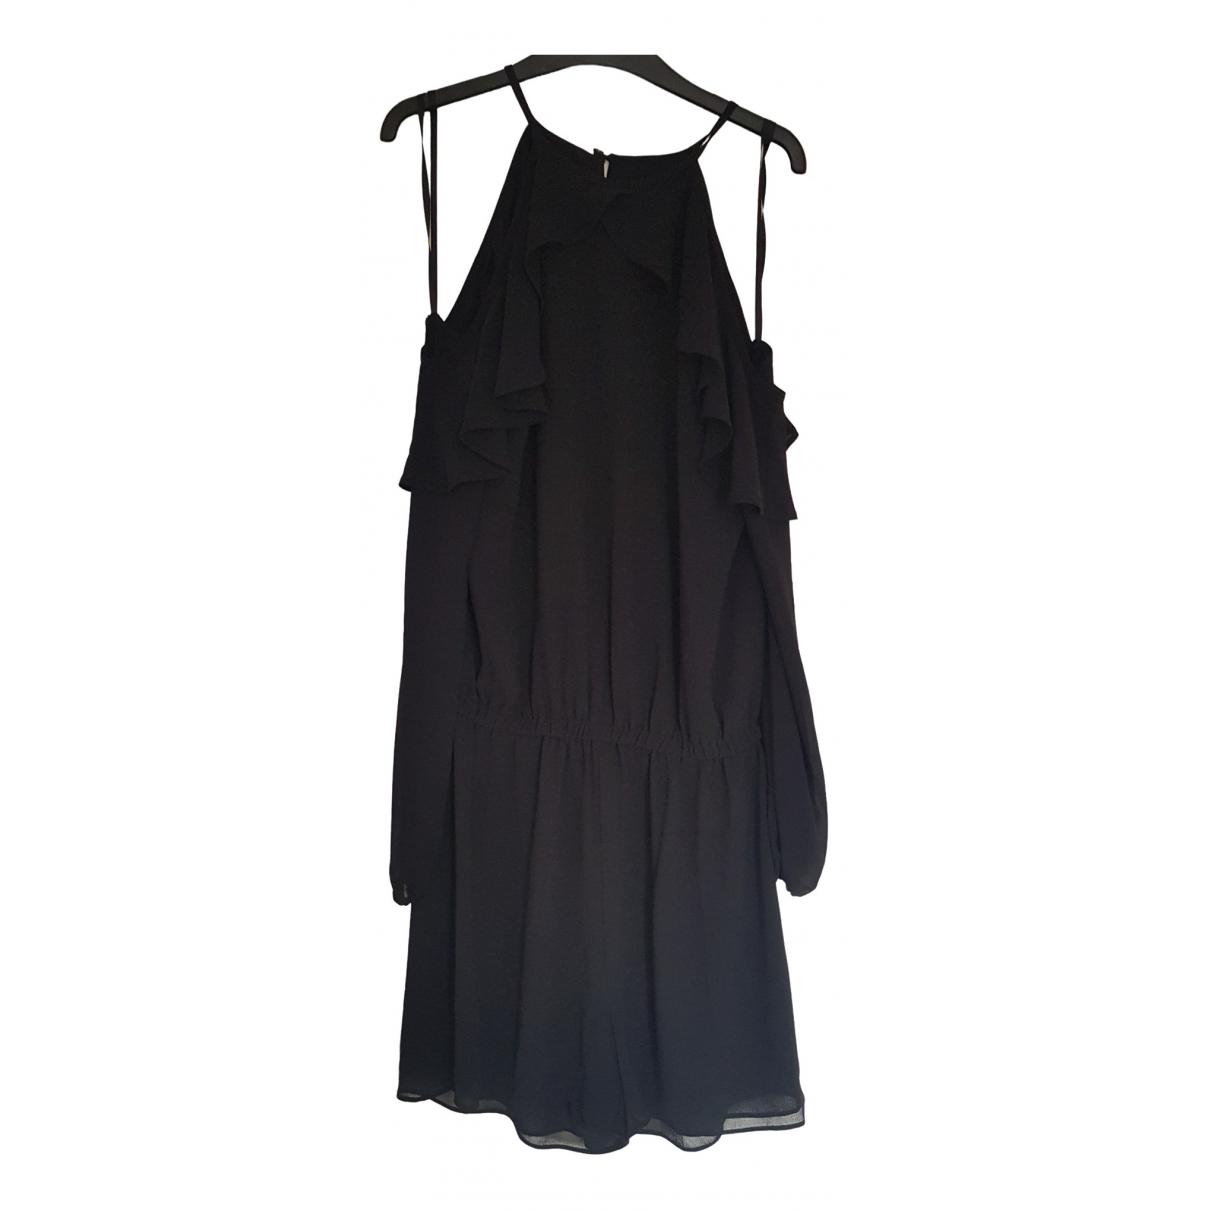 Michael Kors \N Black jumpsuit for Women S International